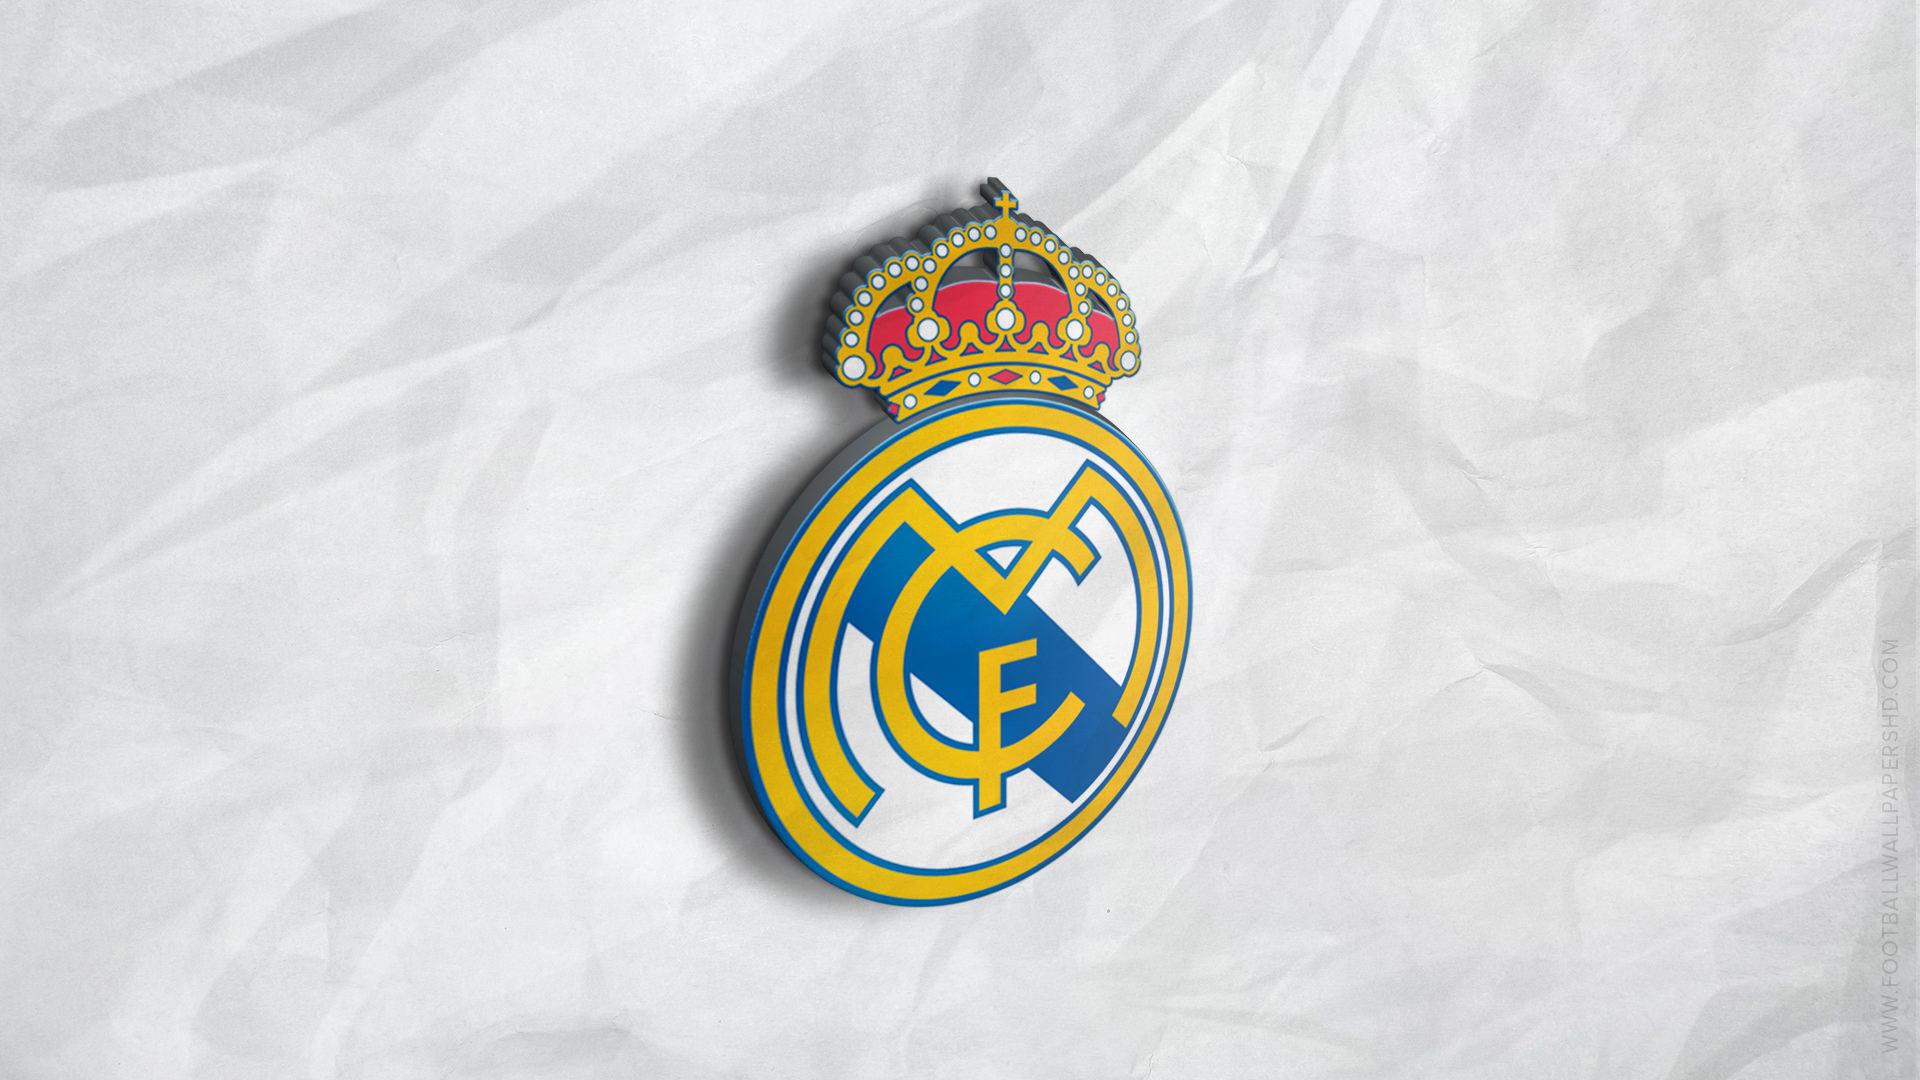 1920x1080 Real Madrid Wallpaper Hd 2015